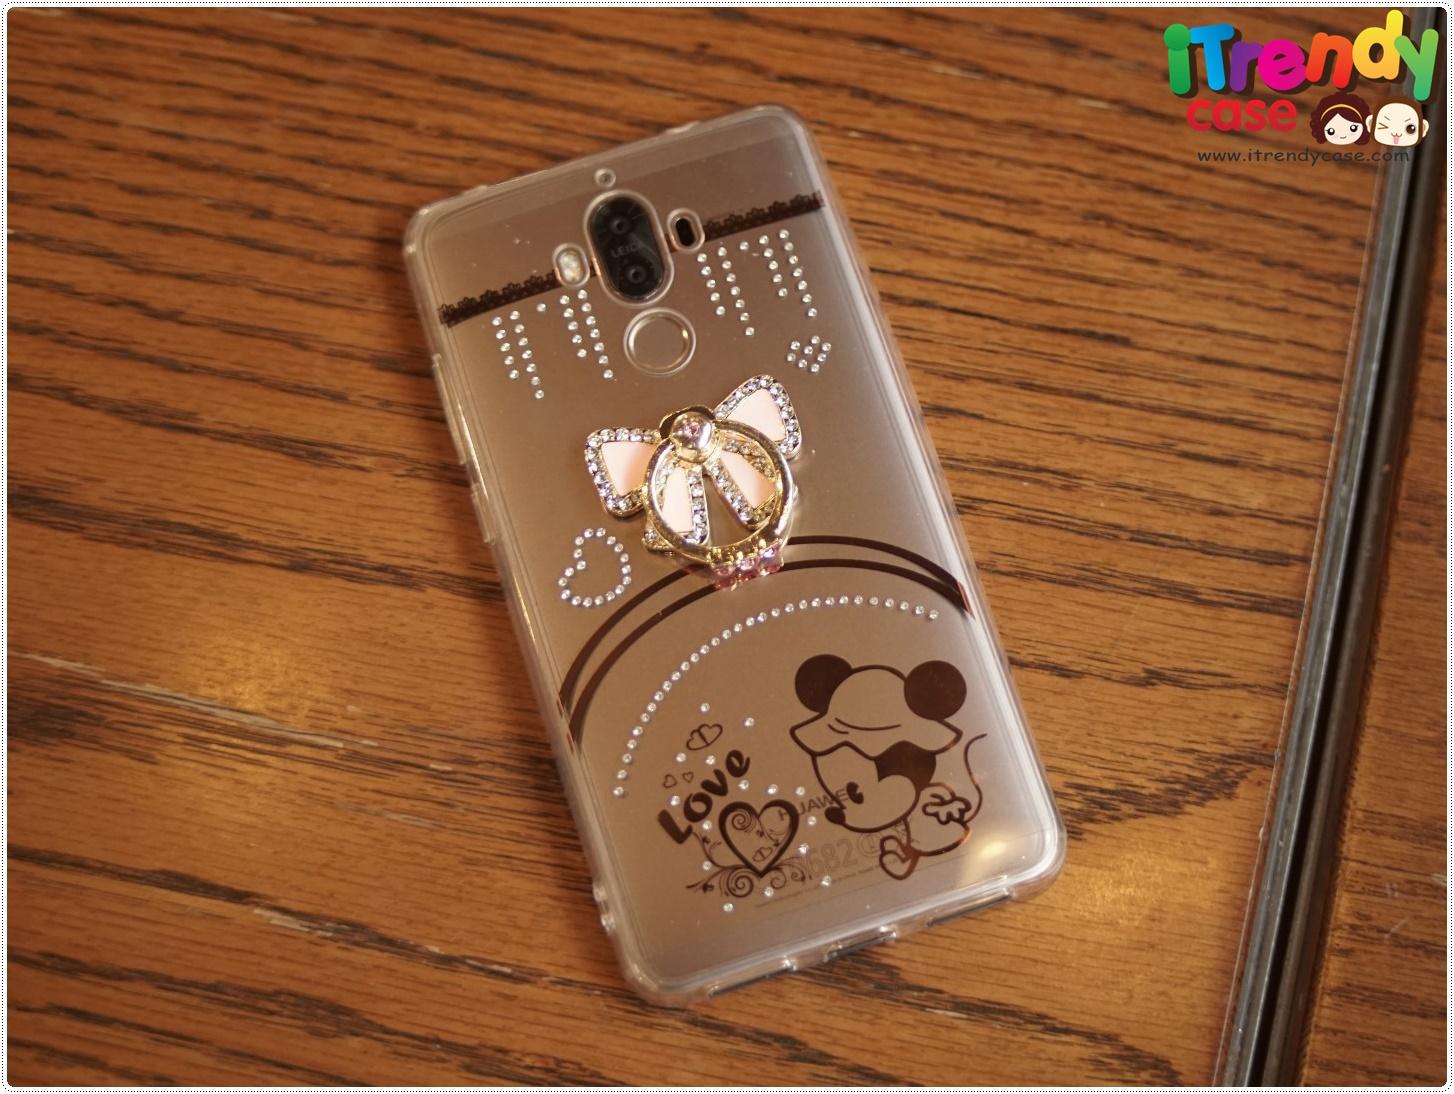 Huawei Mate9 - เคสลาย Baby Minnie พร้อมที่ตั้งแหวนด้านหลัง